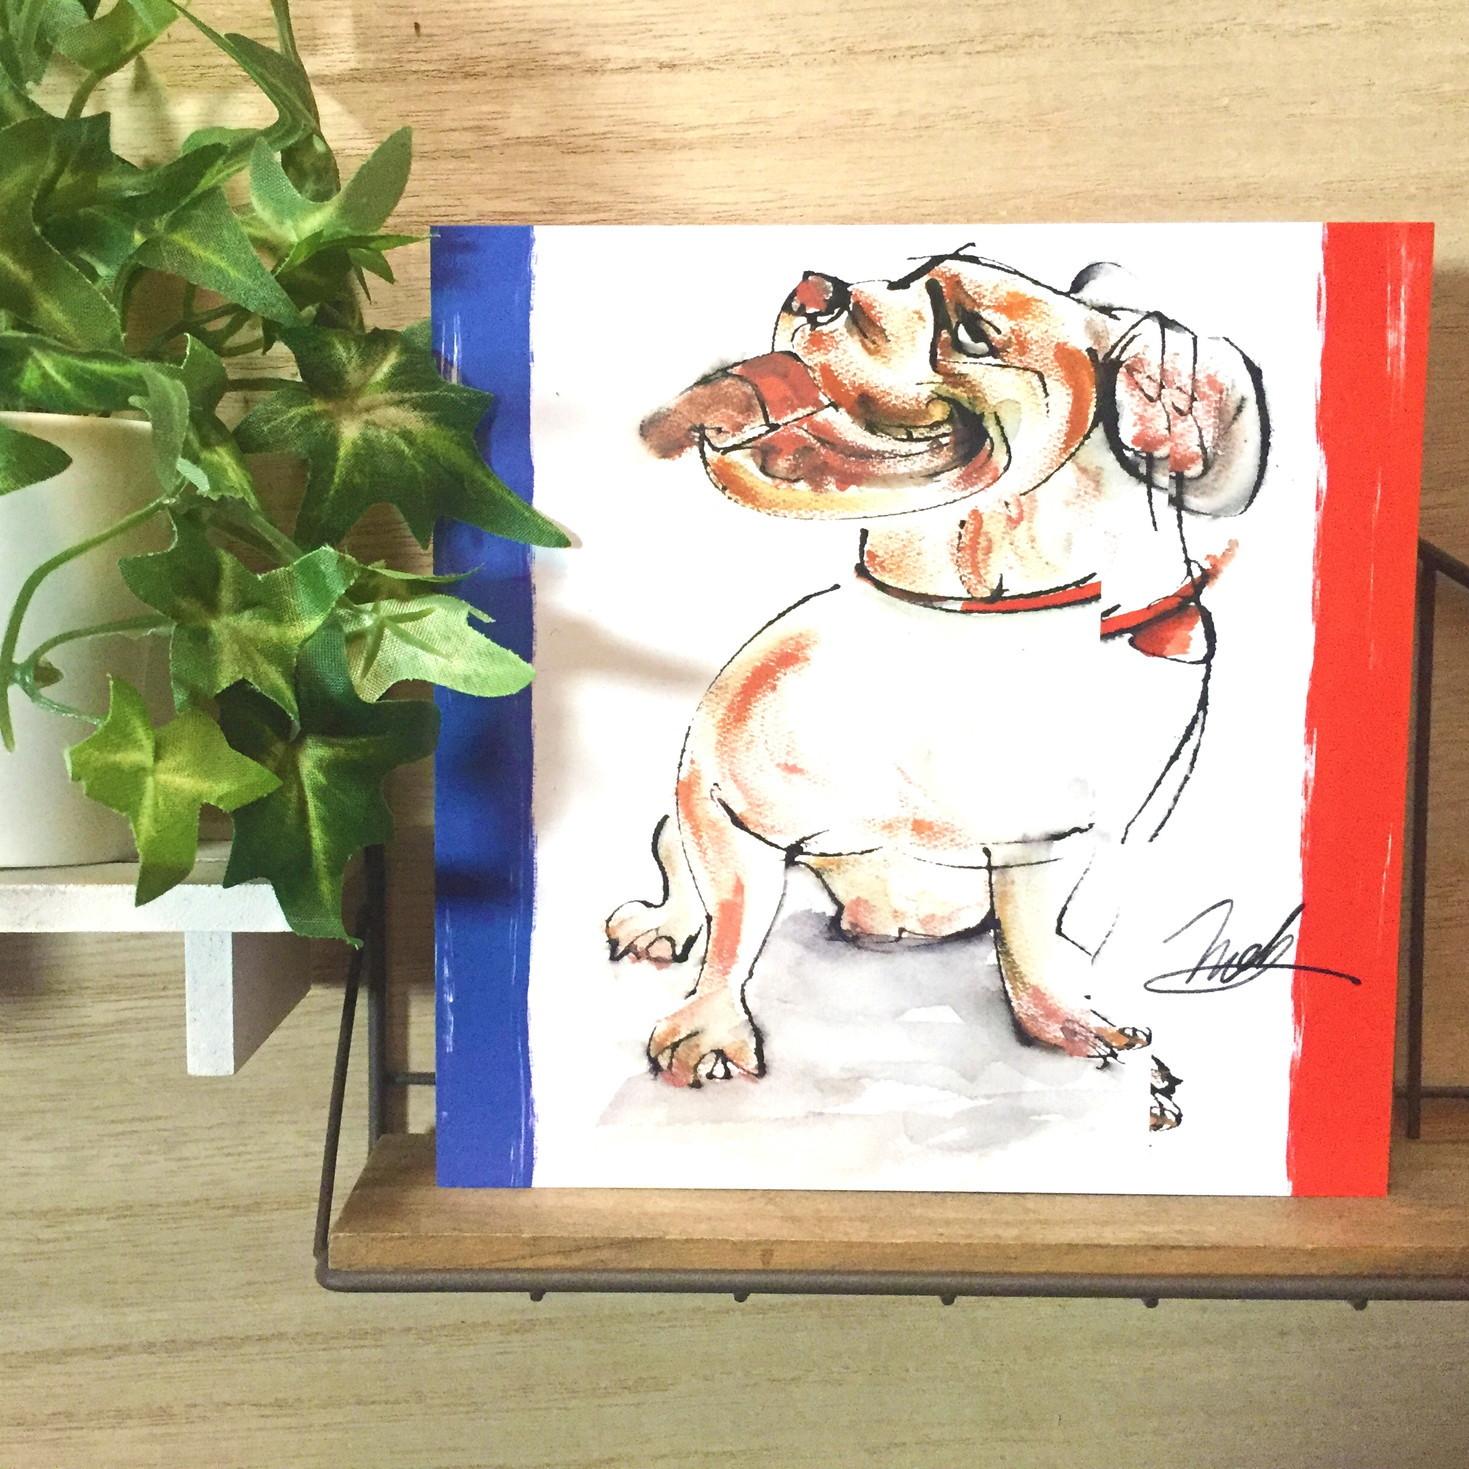 絵画 インテリア アートパネル 雑貨 壁掛け 置物 おしゃれ 犬 動物 フレンチブルドッグ 現代アート ロココロ 画家 : nob 作品 :  Re : frenchie